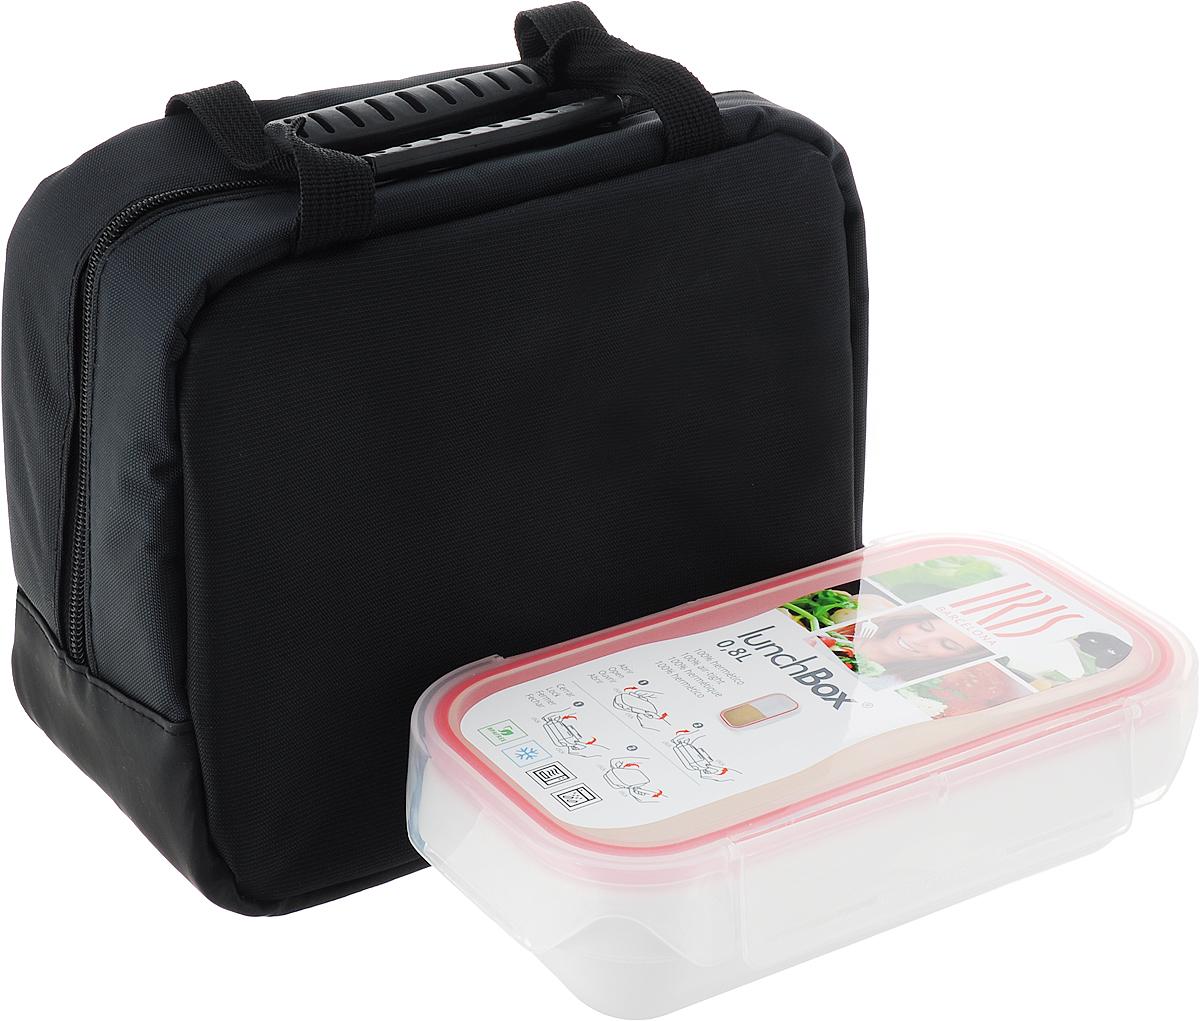 Термо ланч-бокс Iris Iris STUDIO BAG + контейнер 0,8л, цвет: черныйI9939-TWЛанчбокс Studio Bag внутри покрыт теплоизолирующим материалом и закрывается на молнию. Ваша еда длительное время будет сохранять свою свежесть и вкус. Универсальный дизайн позволяет носить Studio Bag либо в руках либо не ремне через плечо (ремень регулируется по длине). В комплект входит: Два плоских герметичных контейнера 0,6л с ударопрочными плотно закрывающимися крышками. Специальная форма контейнеров делает их очень удобным для приема пищи. Вы едите буквально как дома из тарелки. Пластиковые приборы: ложка, вилка и нож. Лежат в специальном прозрачном пенале. Легко мыть и удобно хранить.